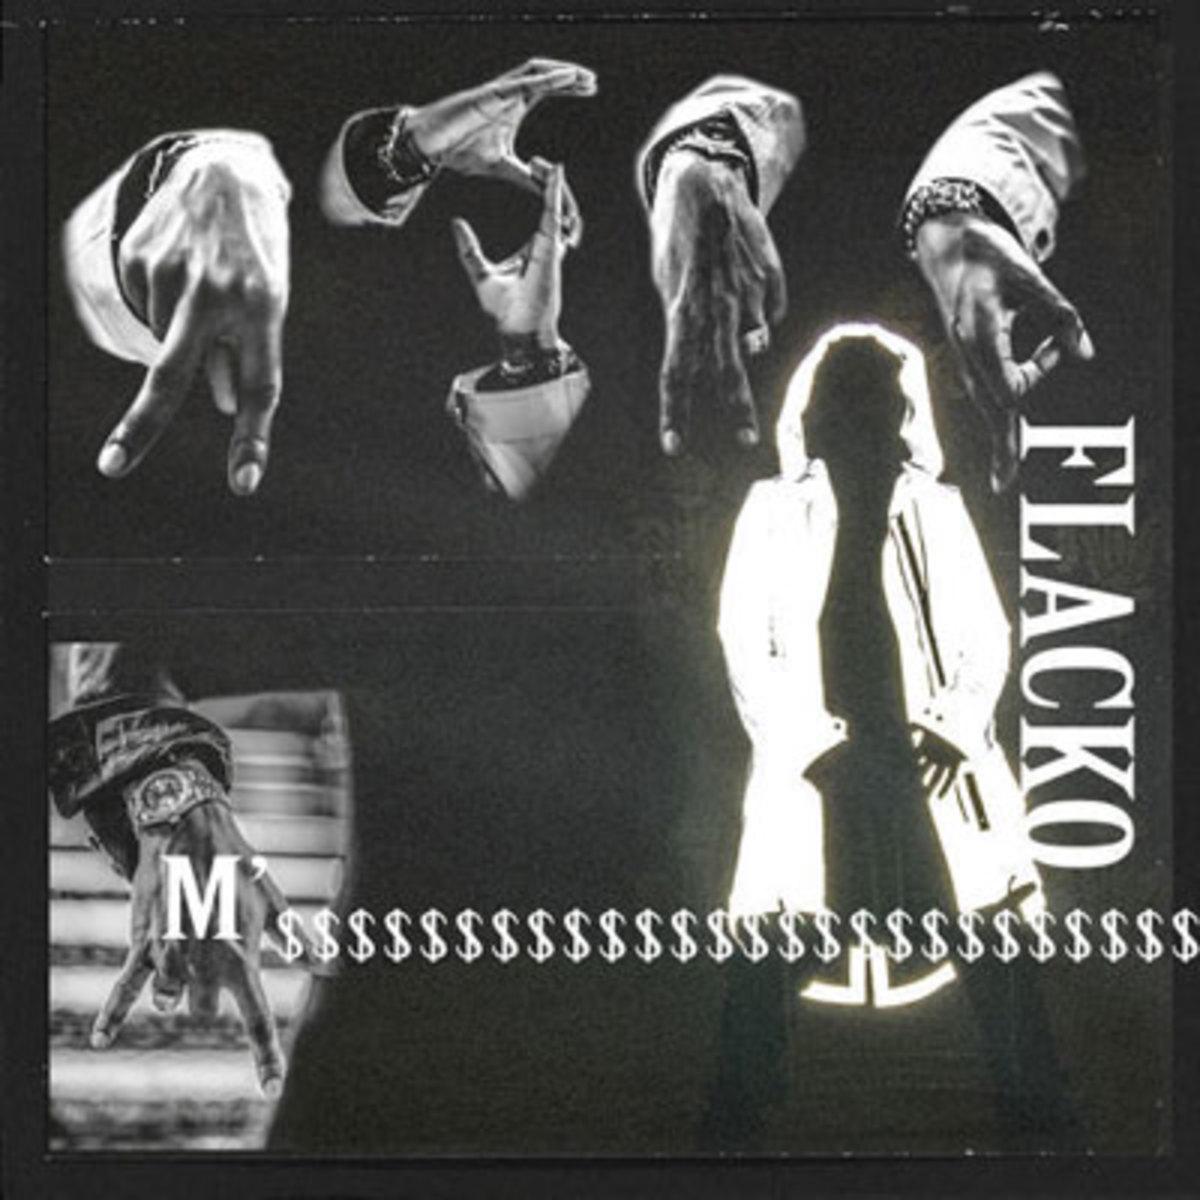 asap-rocky-ms.jpg